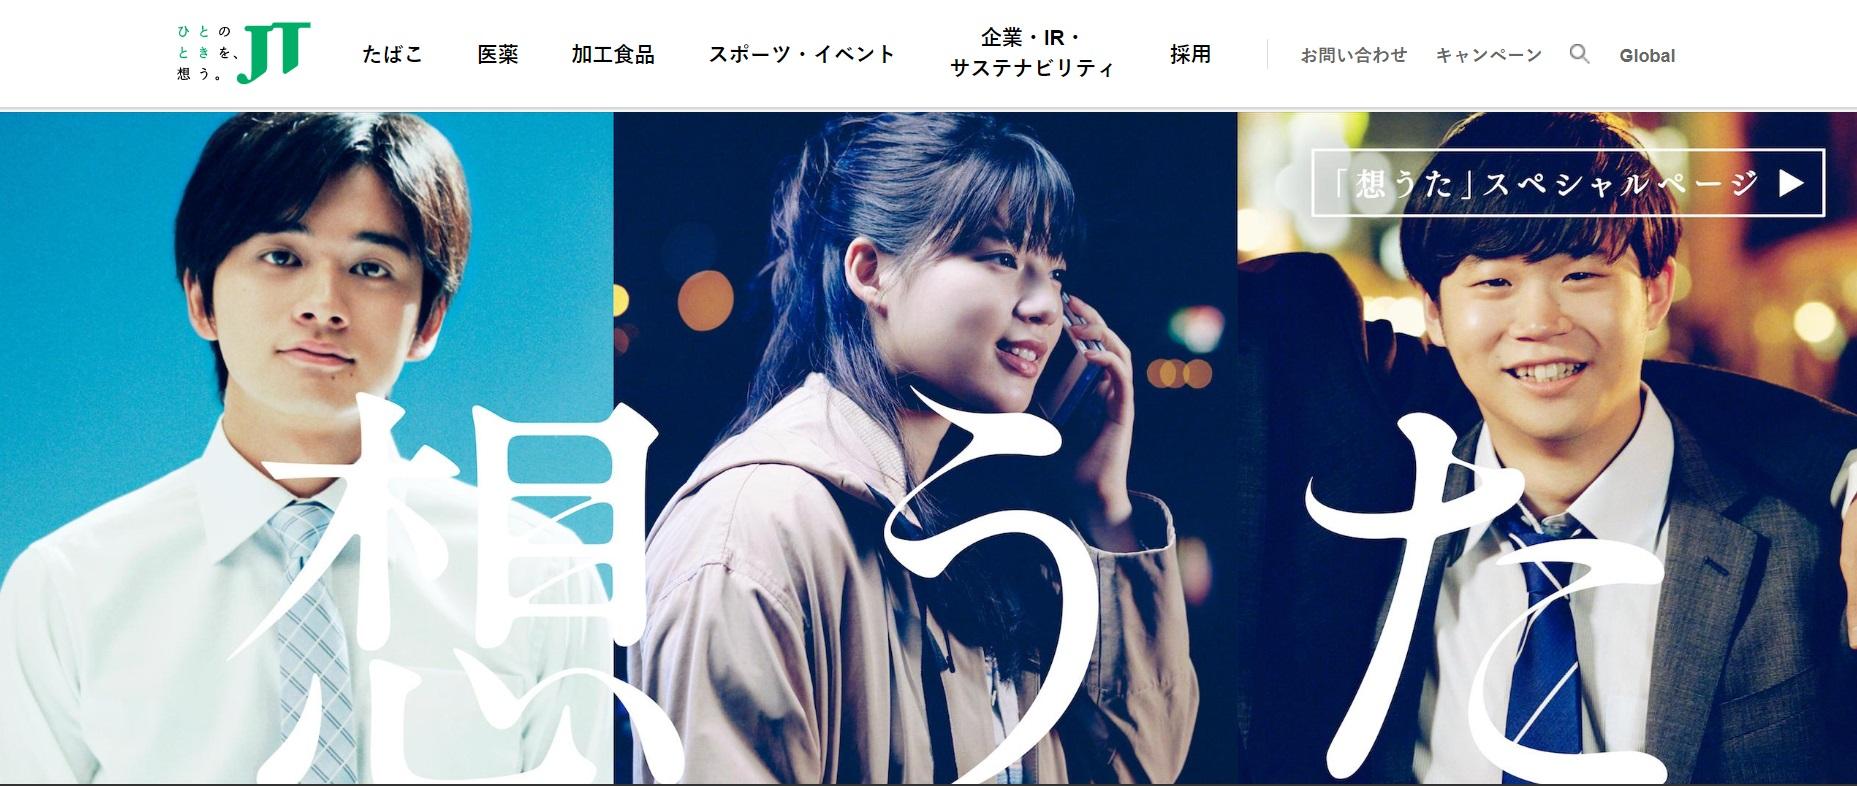 ケース③海外クロスボーダーM&Aを成功に導いた日本たばこ産業株式会社のM&A戦略と成功のポイント